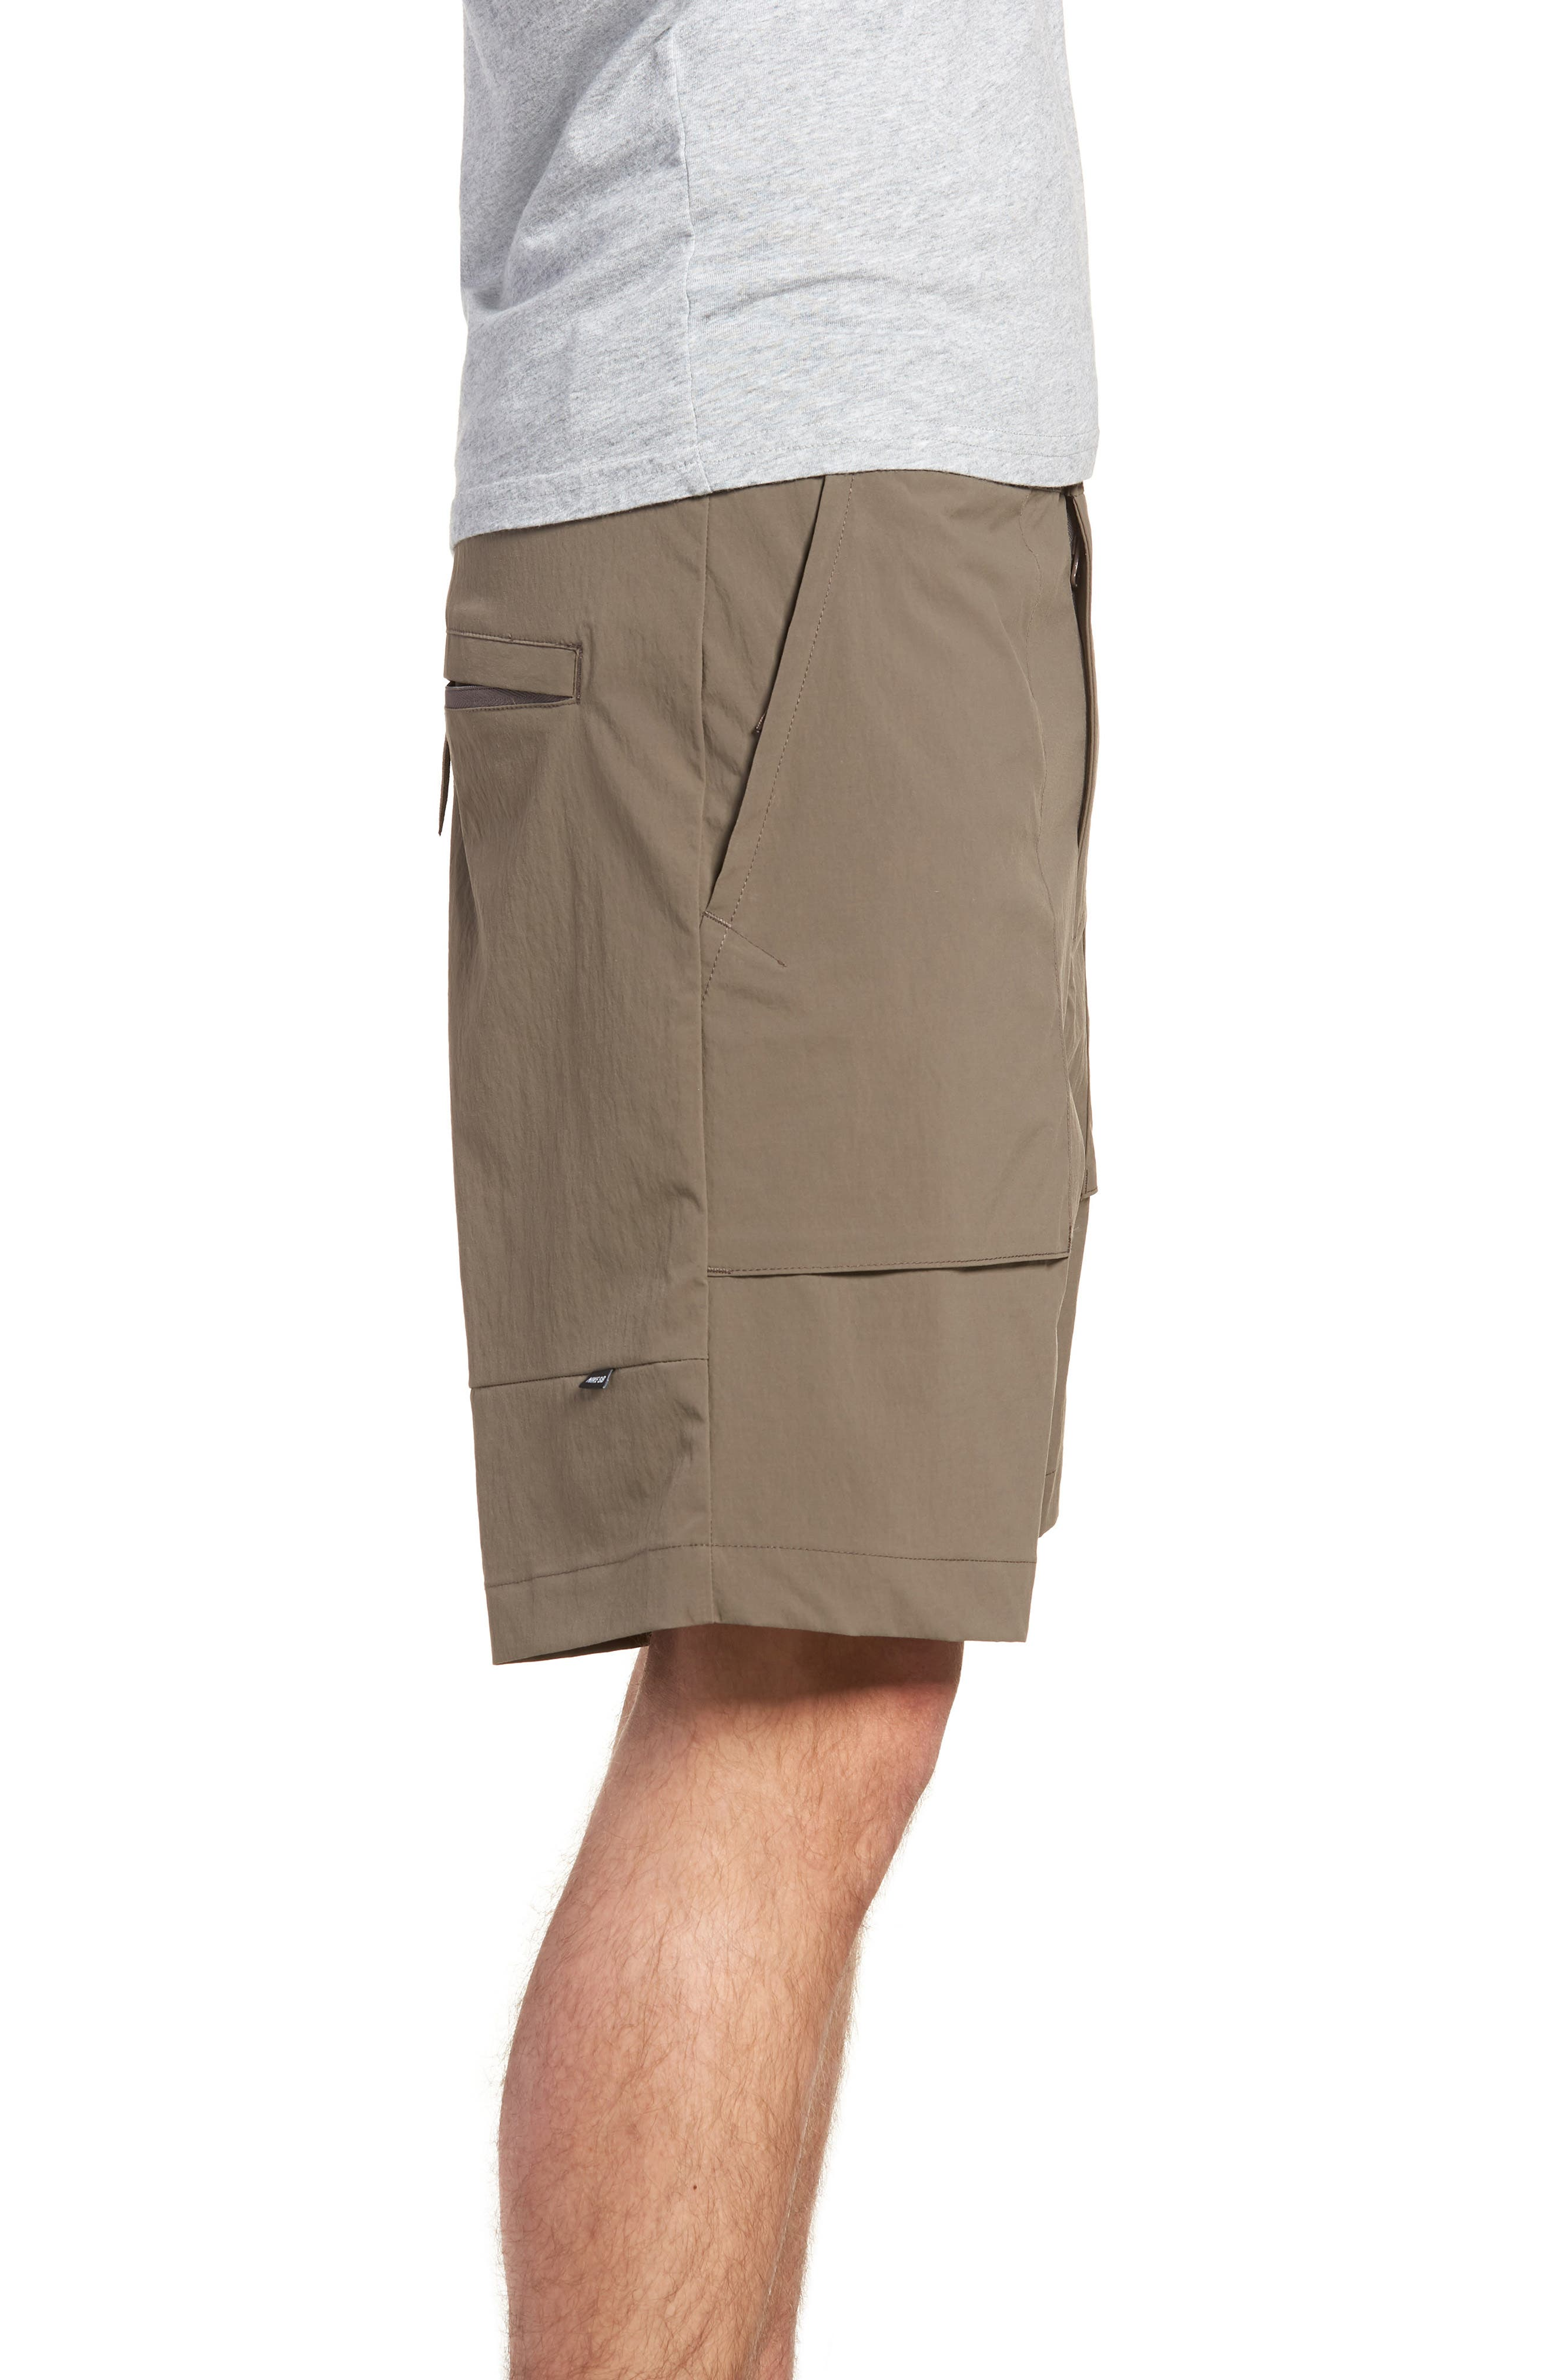 NIKE,                             SB Flex Everett Shorts,                             Alternate thumbnail 3, color,                             250